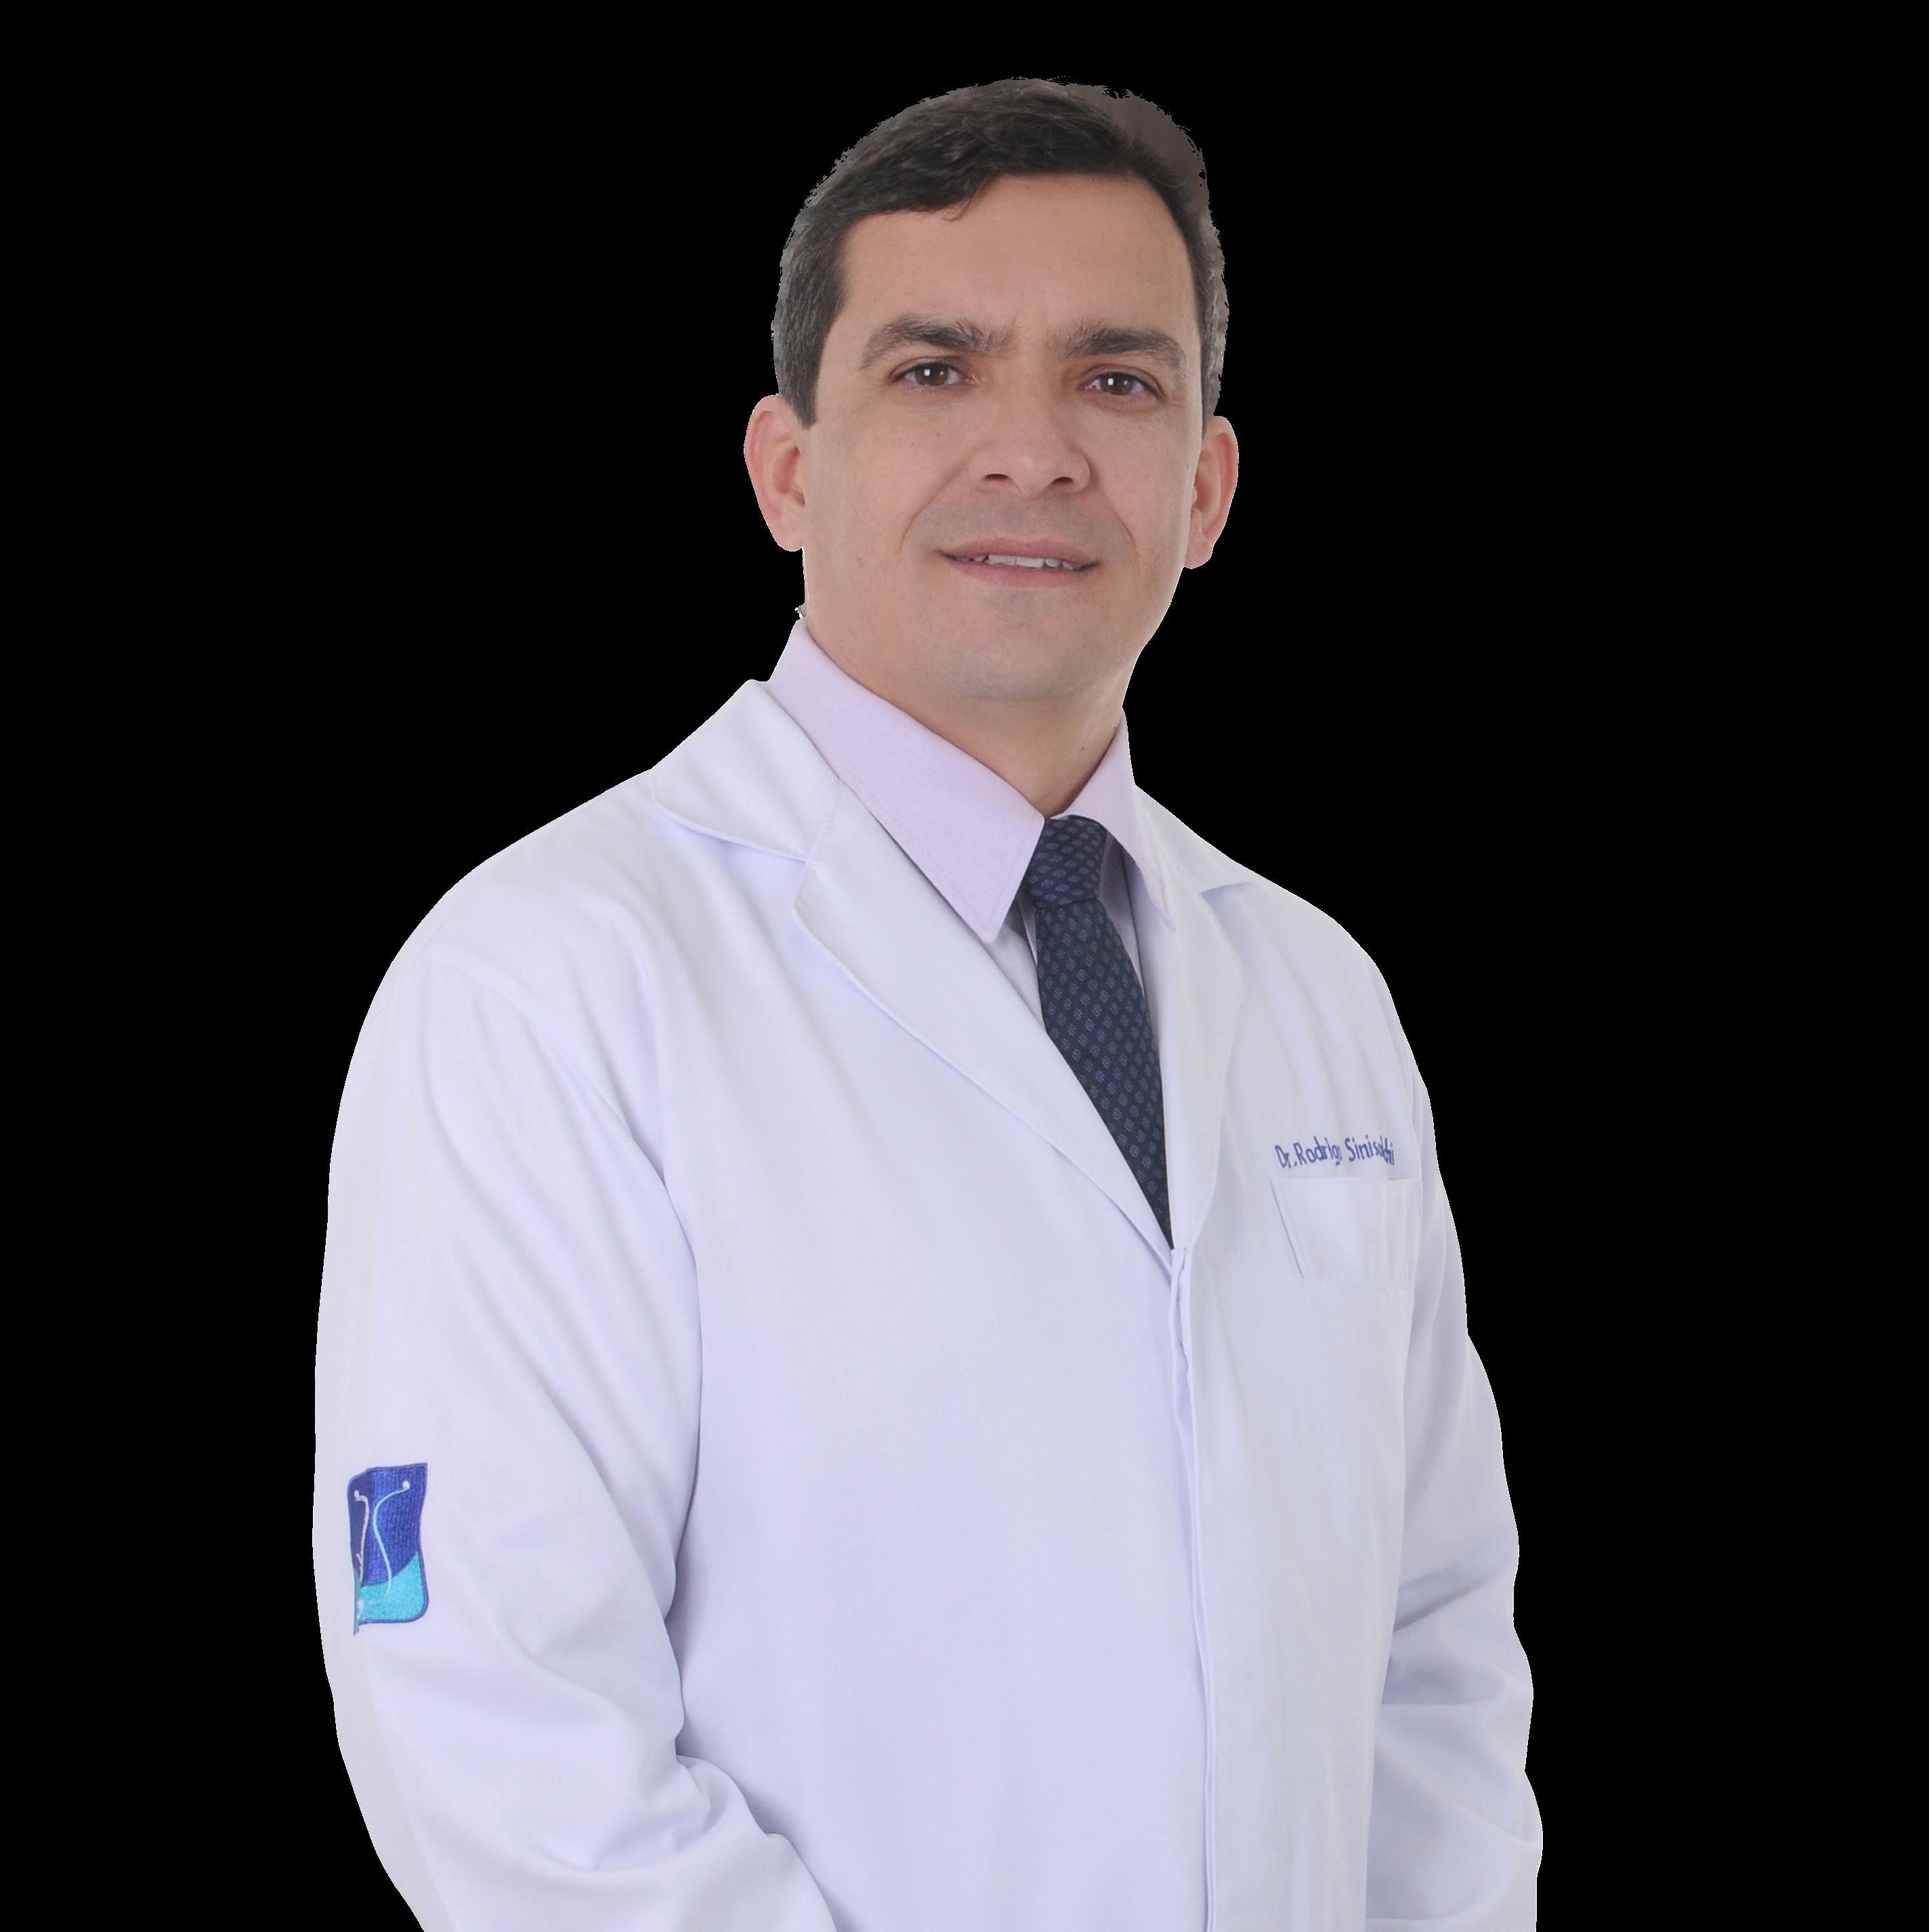 Rodrigo Teixeira Siniscalchi